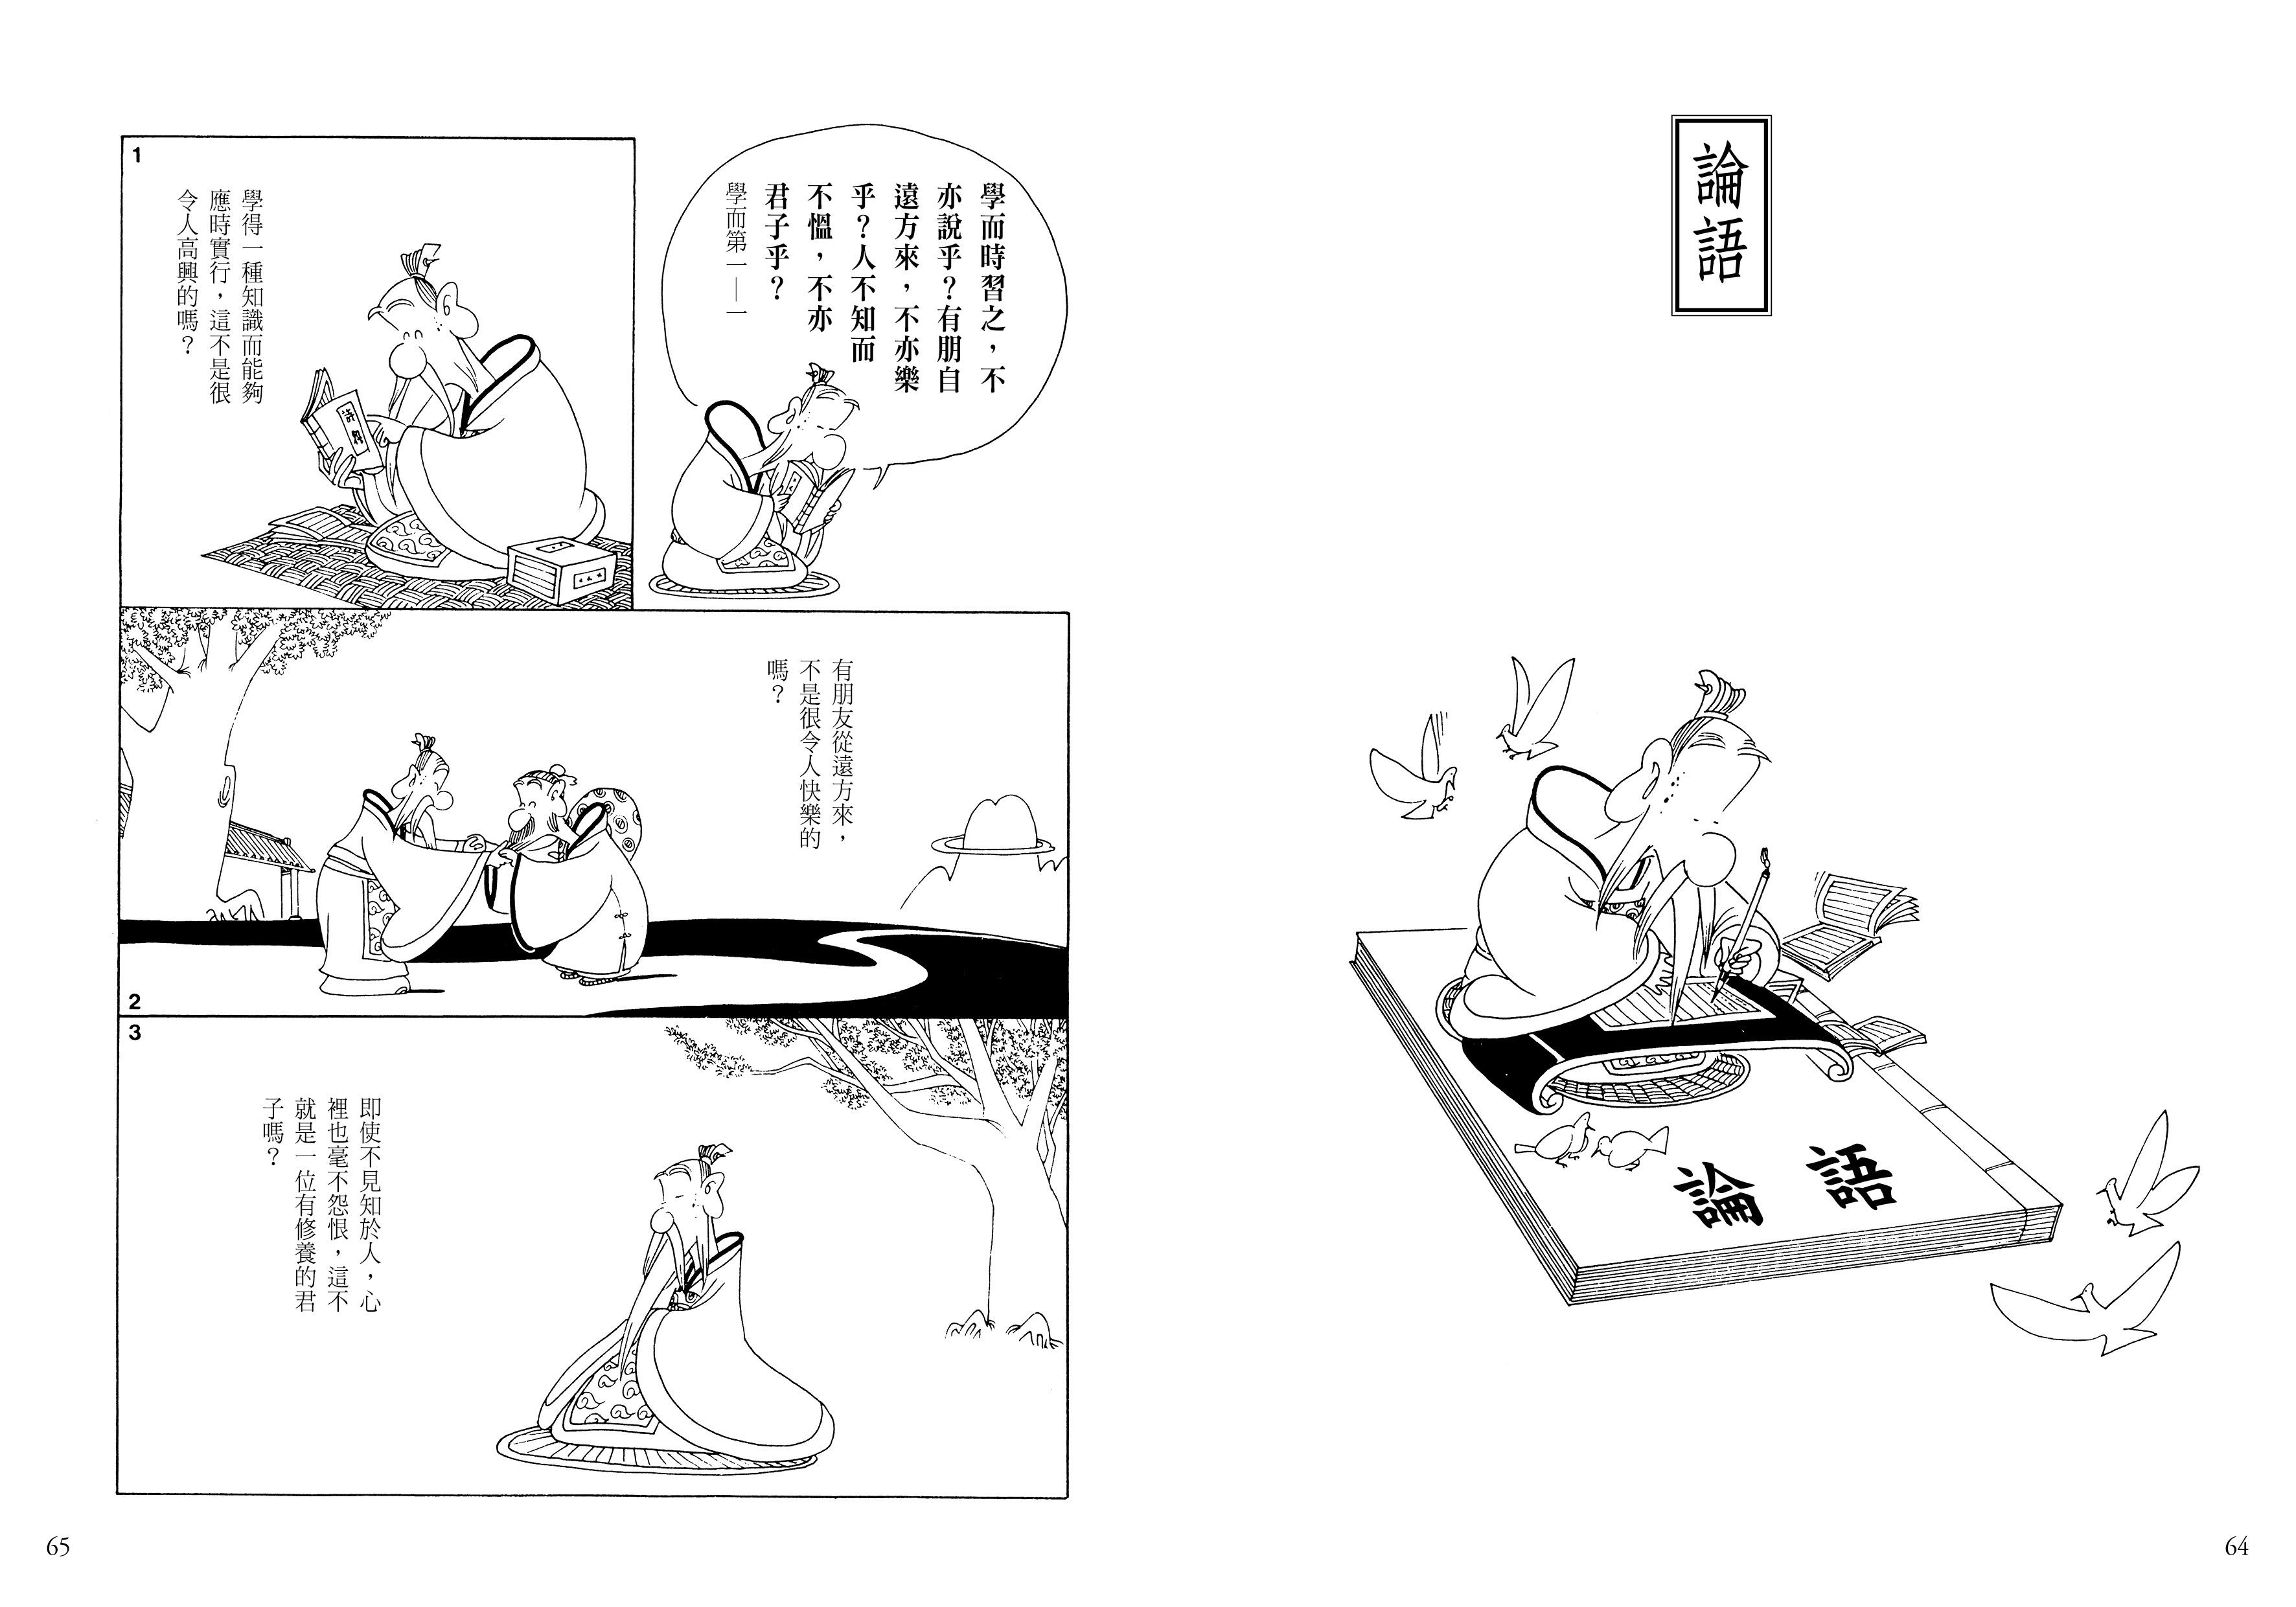 漫畫 人 破解 ptt